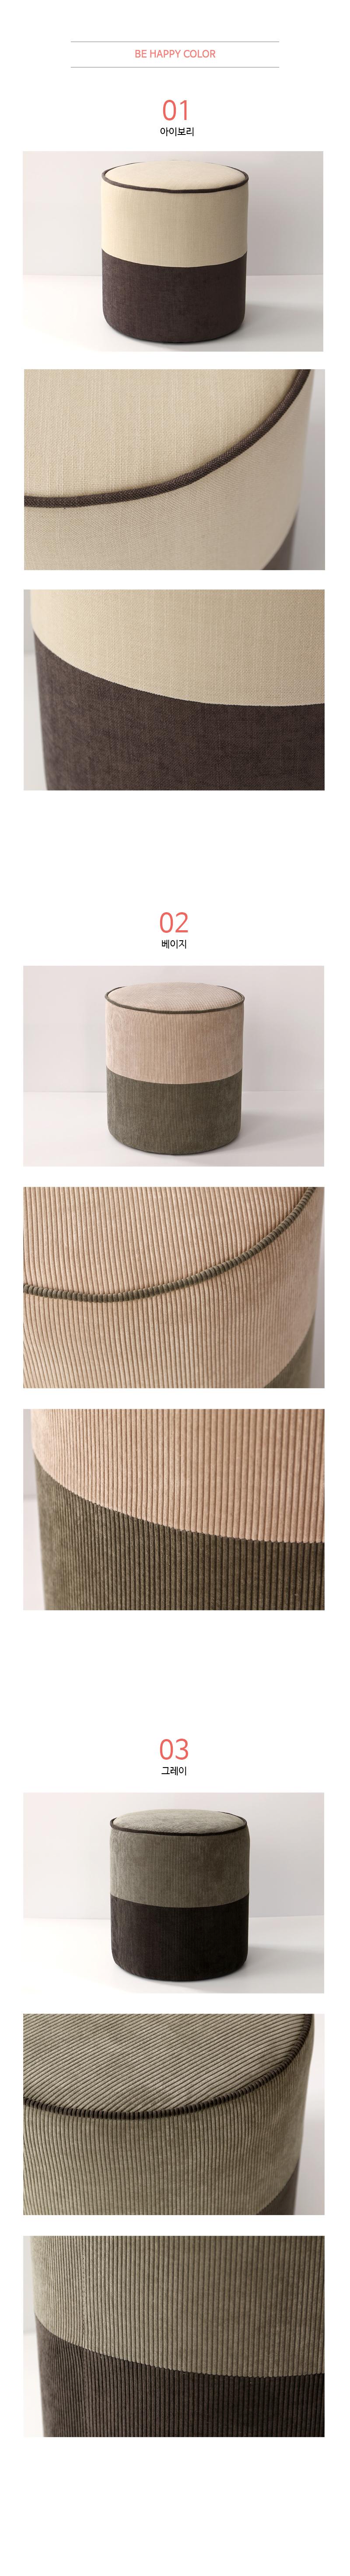 비해피 안티스테인 투톤원형스툴 아이보리D40xH44(cm) - 패브릭포커스, 113,400원, 스툴, 디자인스툴